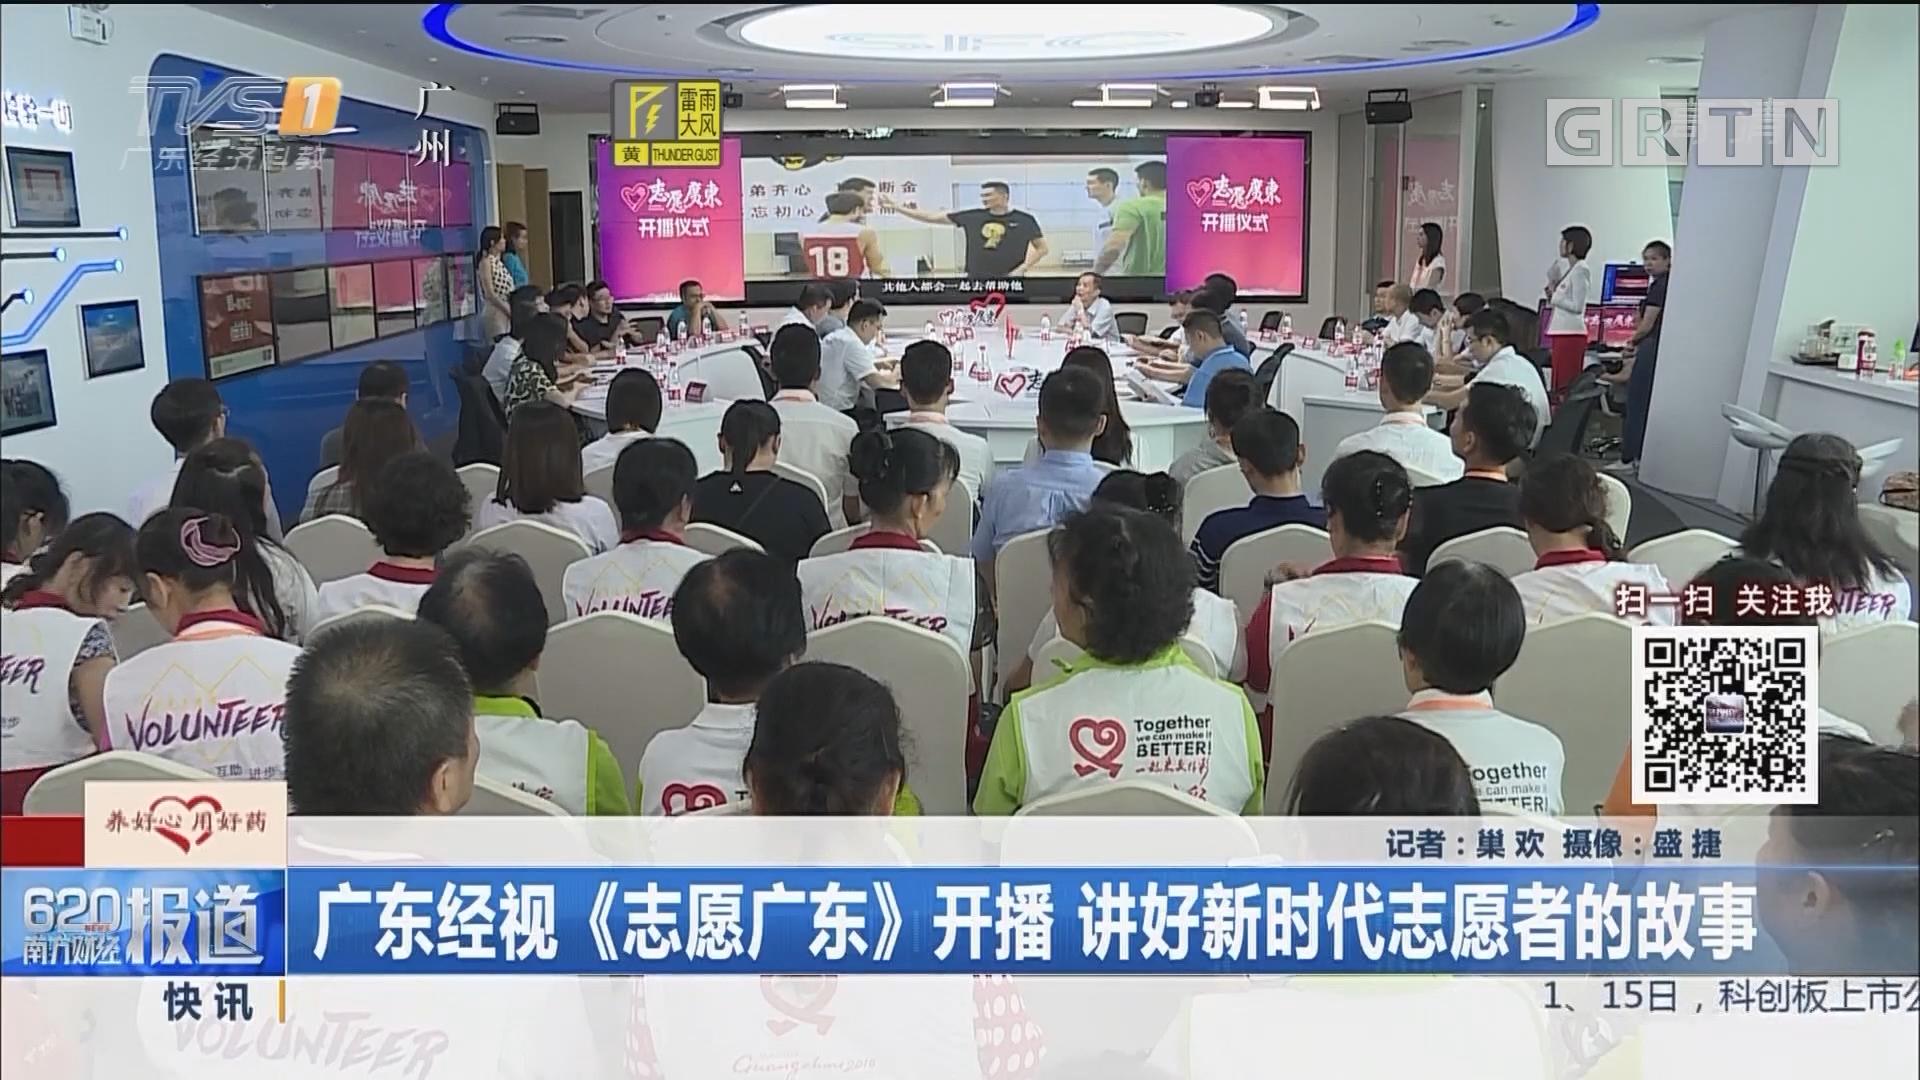 广东经视《志愿广东》开播 讲好新时代志愿者的故事